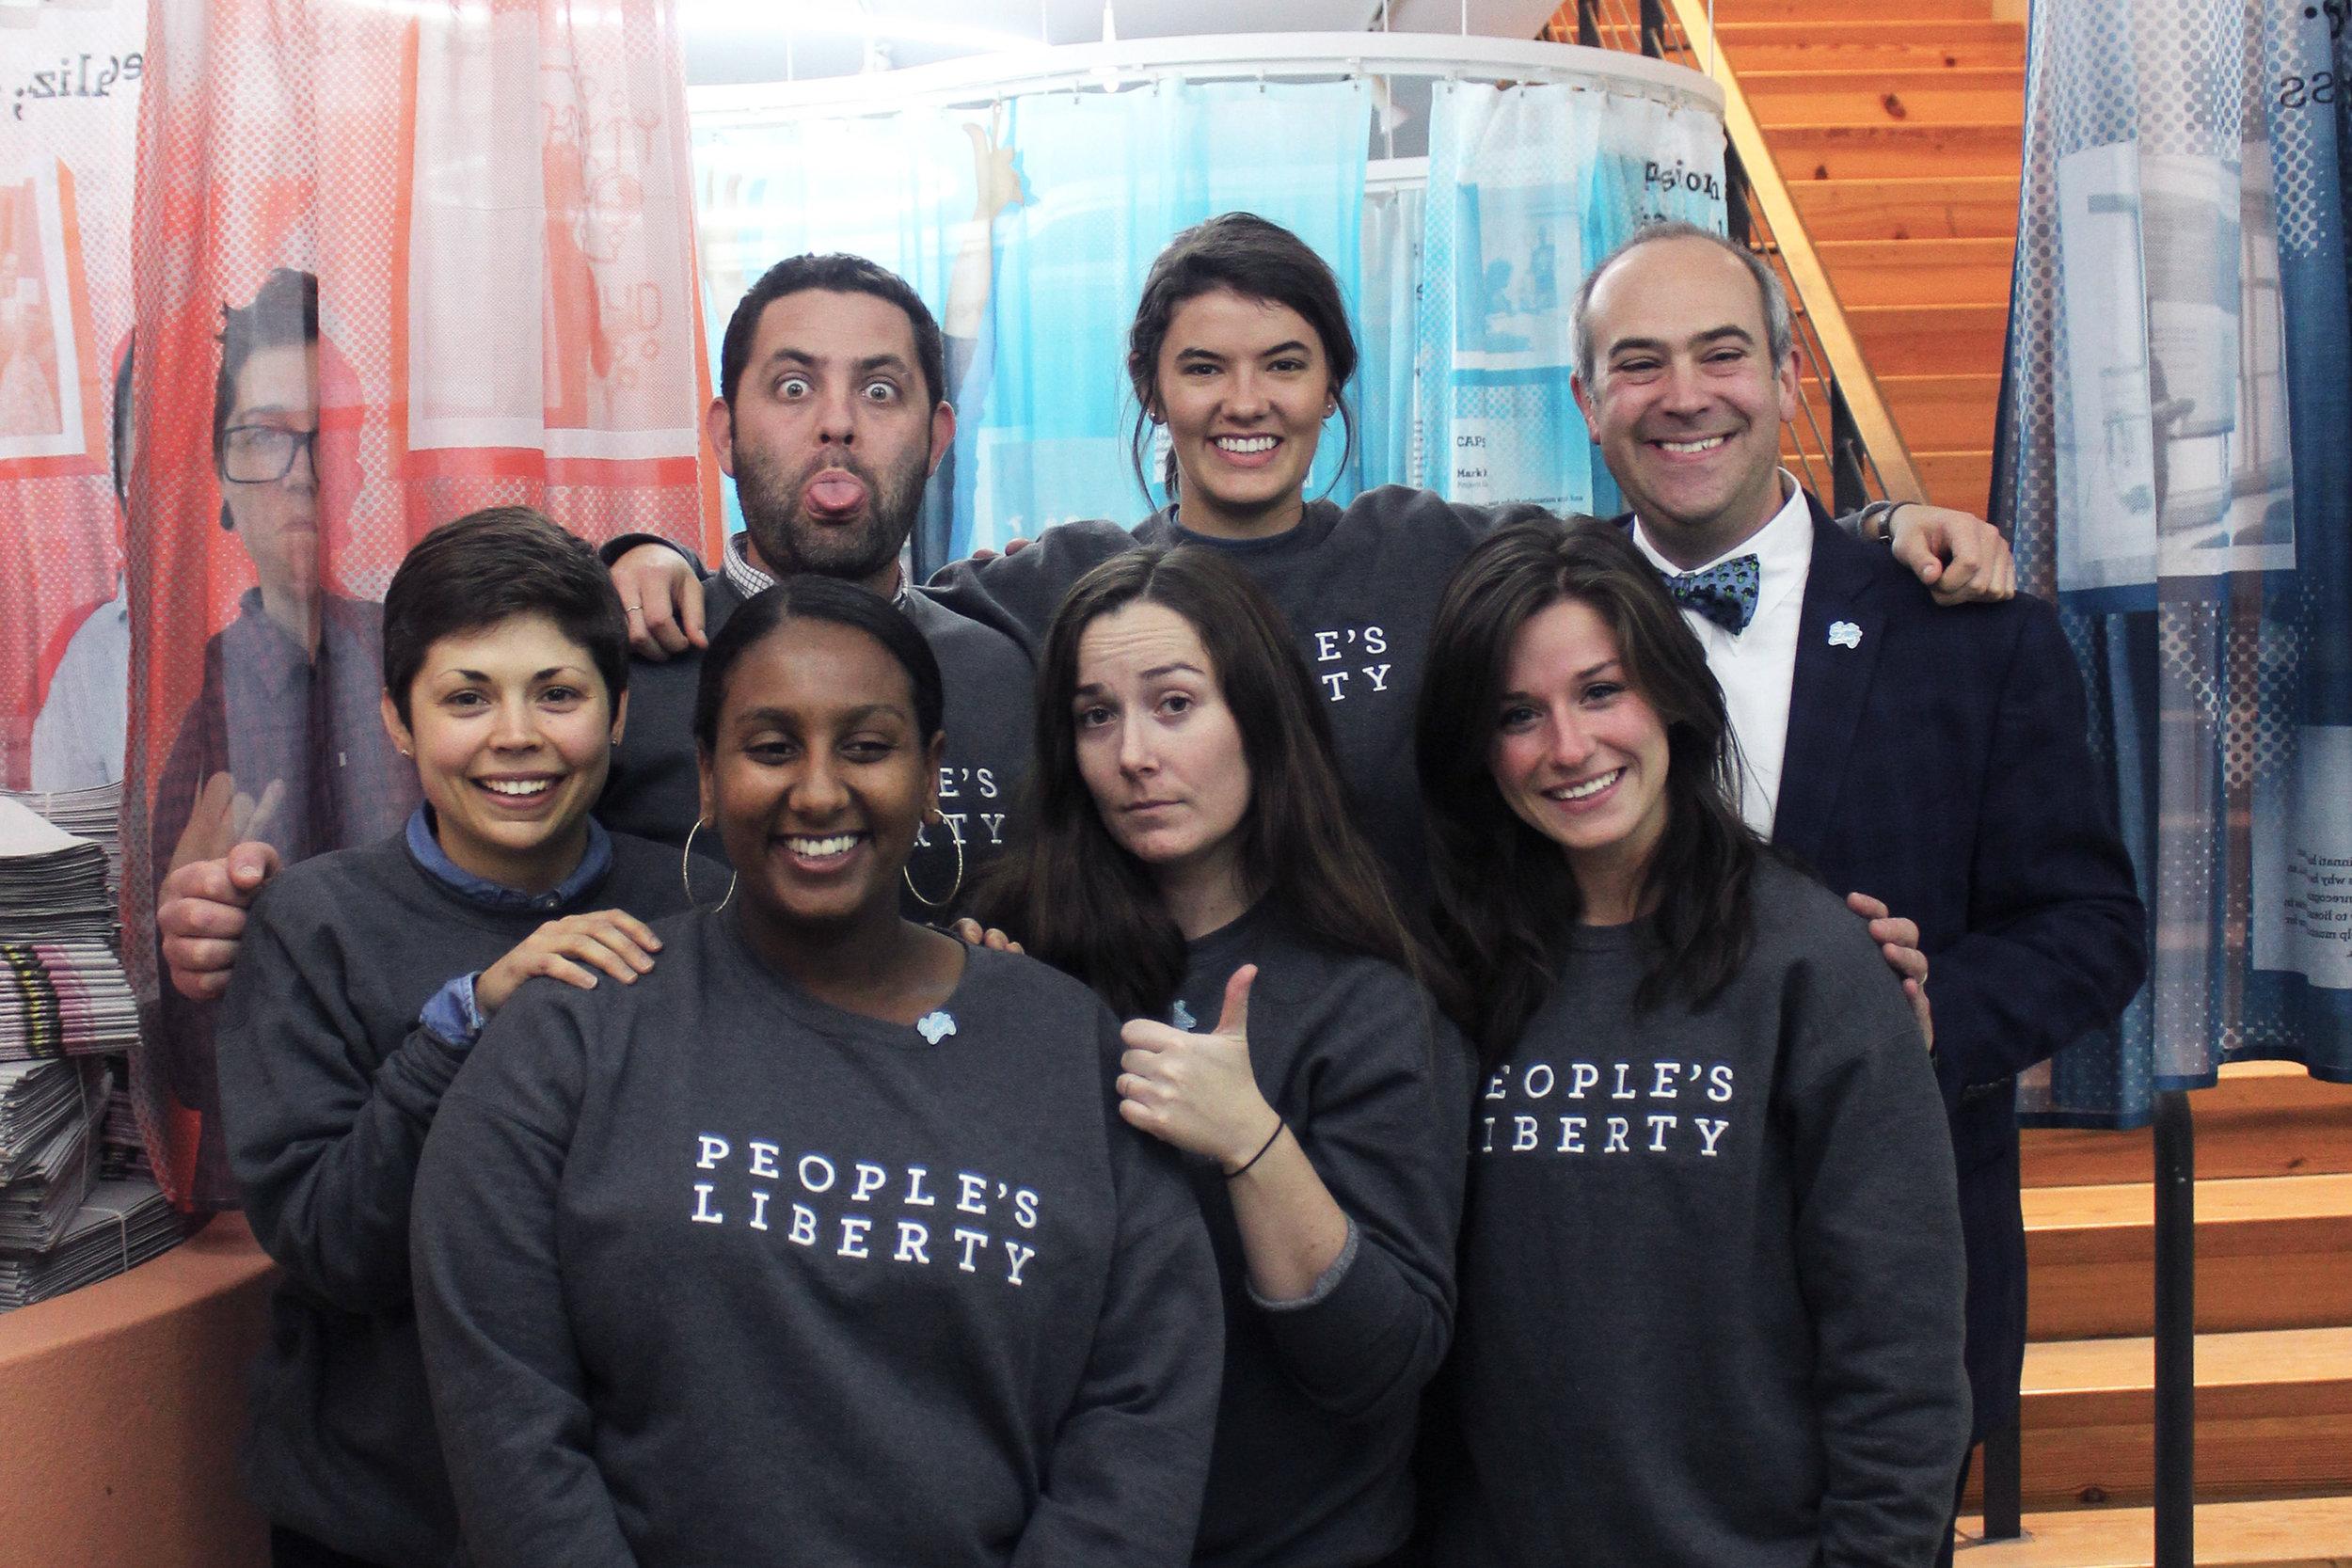 Front Row (Left – Right) Megan Trischler, Semi Tsegay, Aurore Fournier, Hannah Gregory Back Row (Left – Right) Jake Hodesh, Anna Maffey, Eric Avner